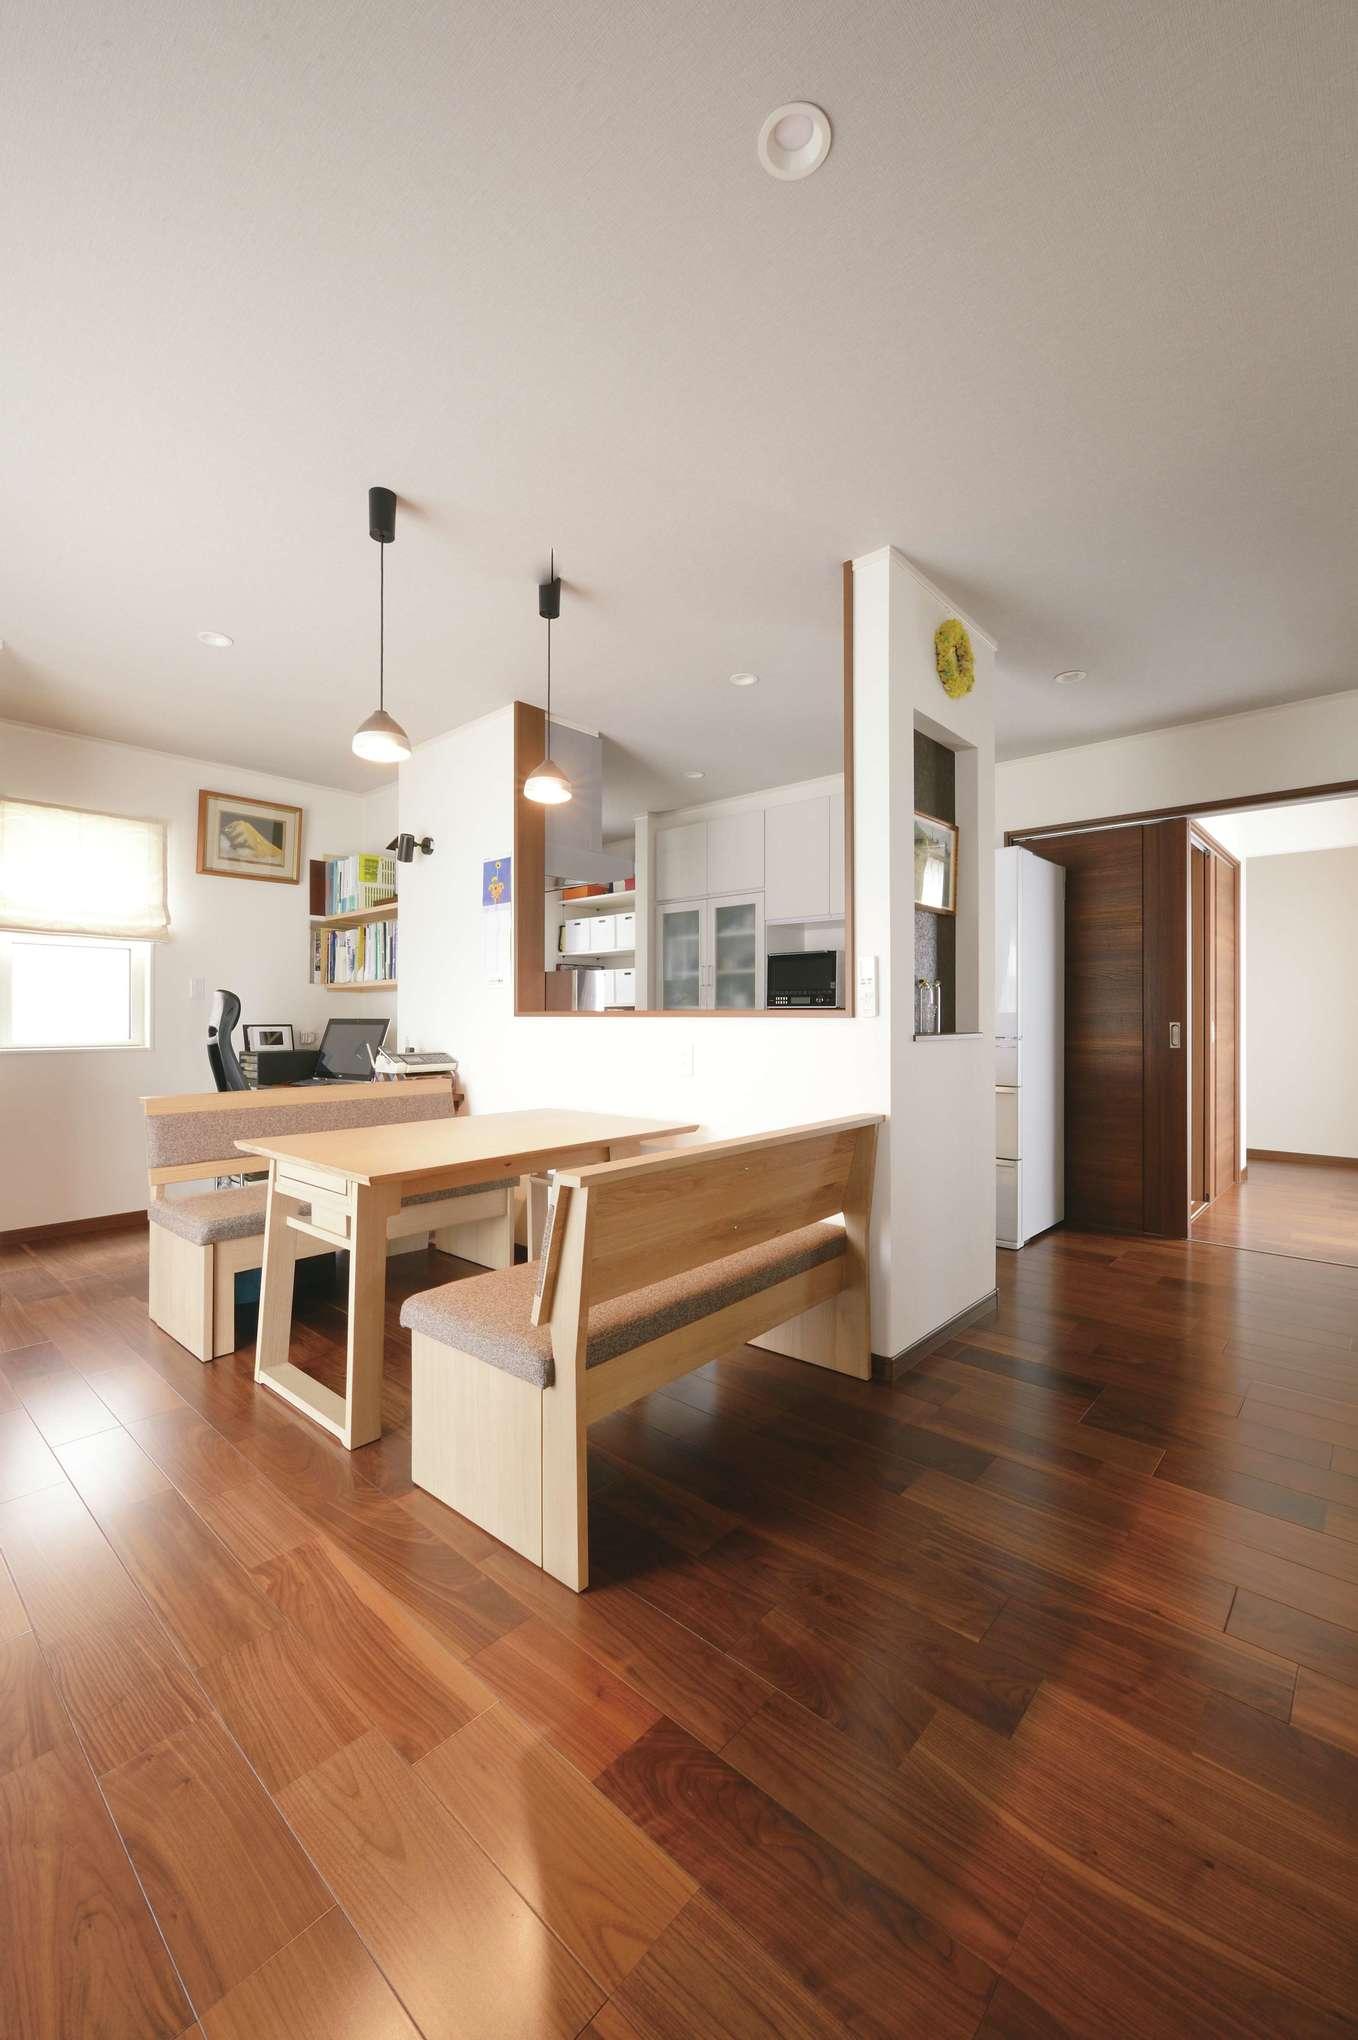 朝日住宅【デザイン住宅、夫婦で暮らす、平屋】余分なものをすっぽりと隠す対面式キッチン。ダイニングテーブルは、イスと一緒に来客時に拡張できる優れもの